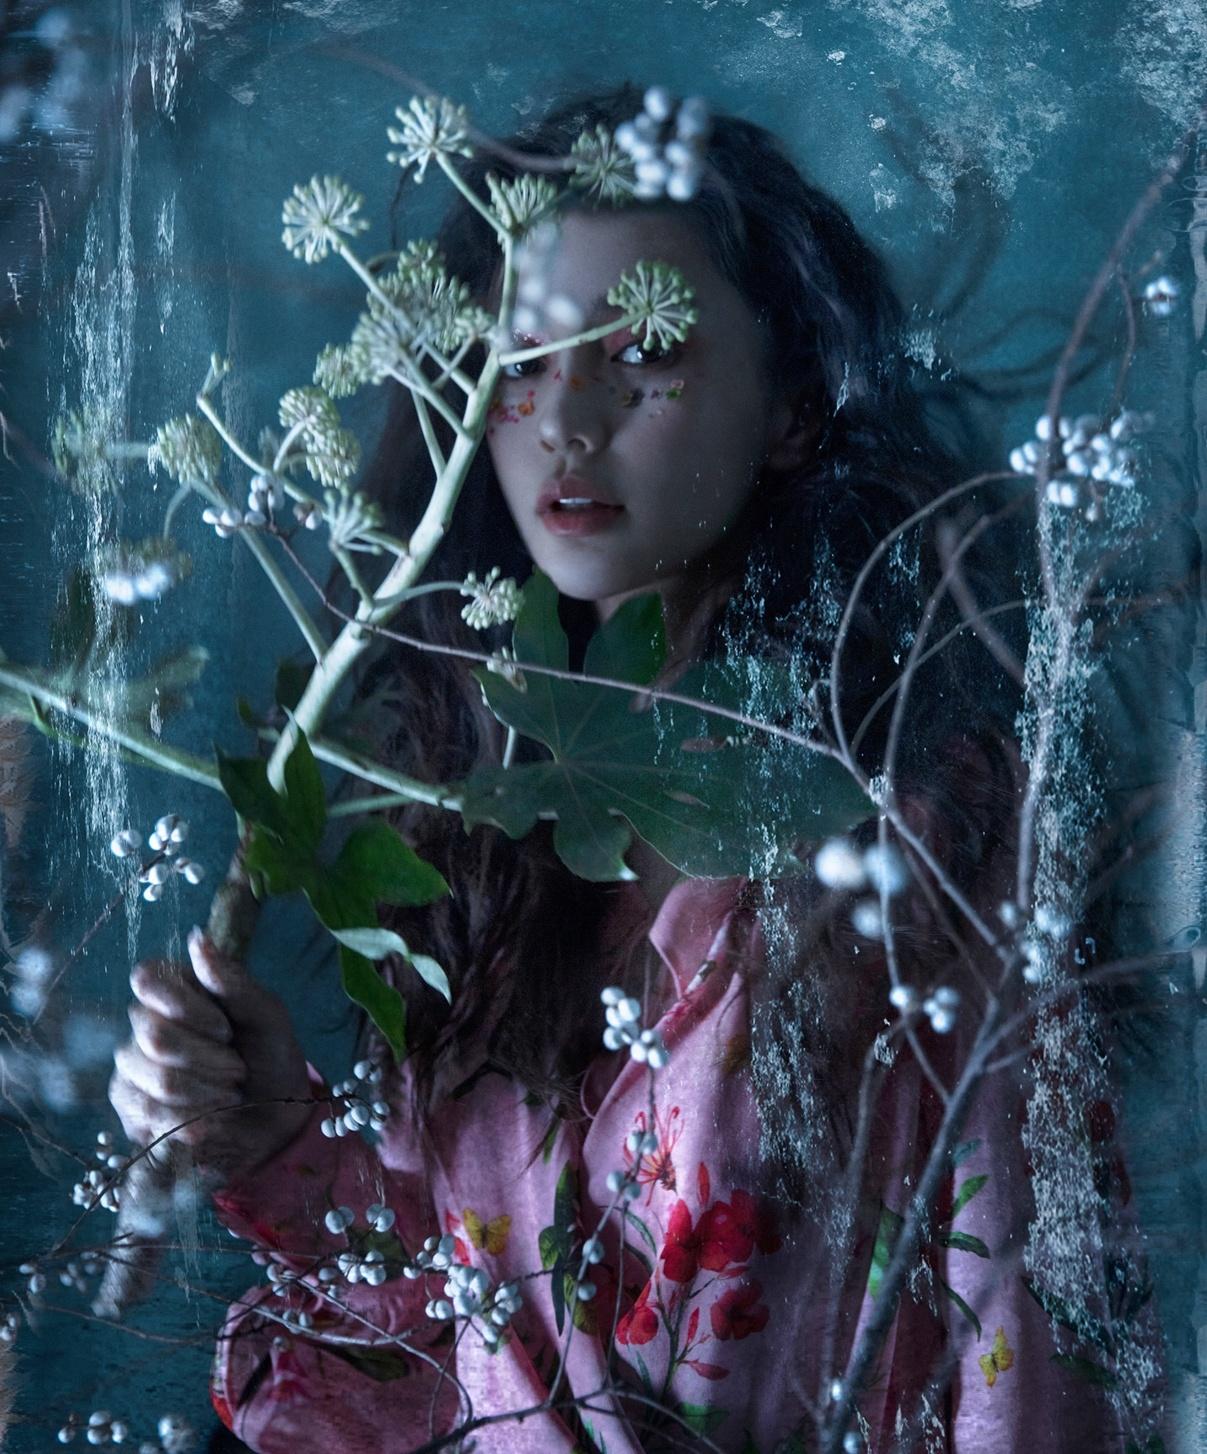 Angelababy duoc khen dep trong bo hinh moi hinh anh 5 angelababy2.jpg